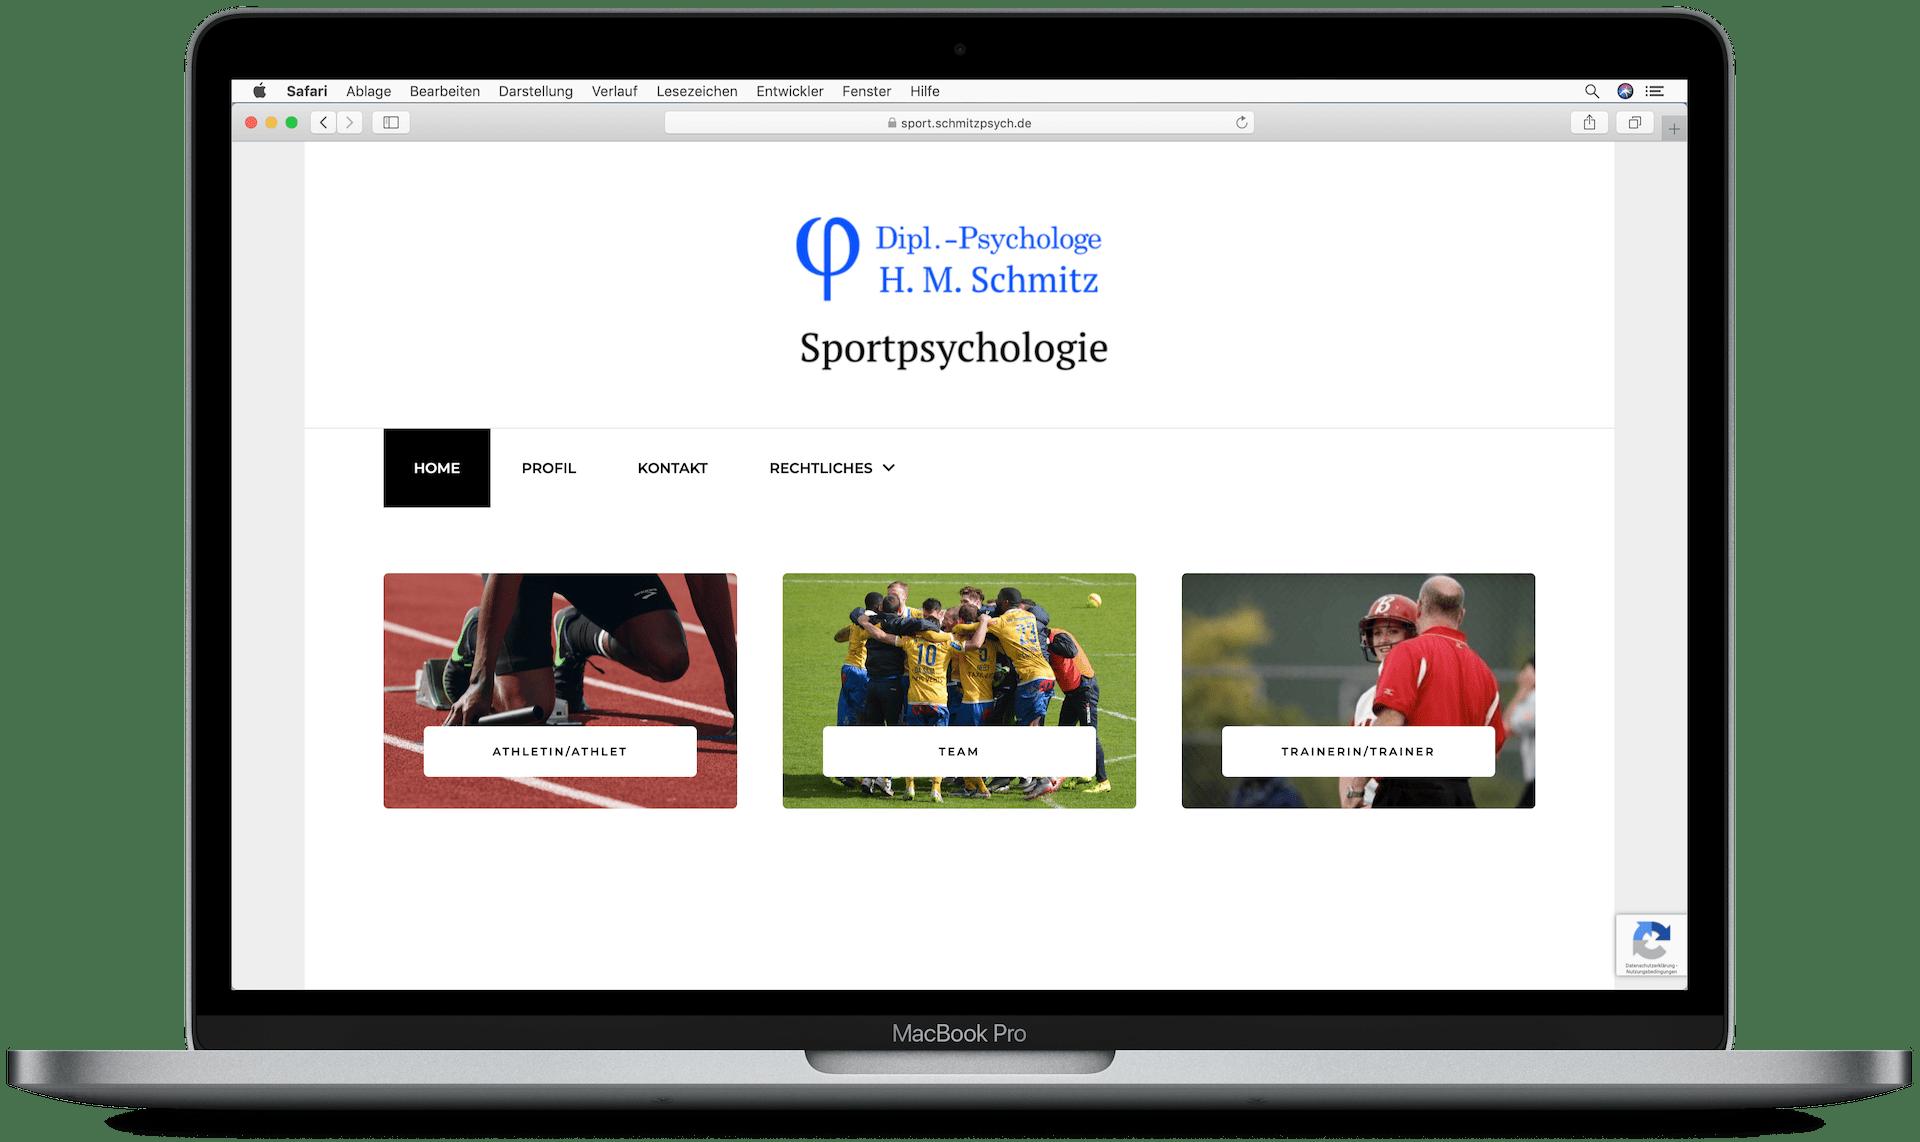 Website von Dipl.Psychologe H. Schmitz auf einem Laptop mit Ansicht der Übersichtsseite für den Bereich Sportpsychologie.